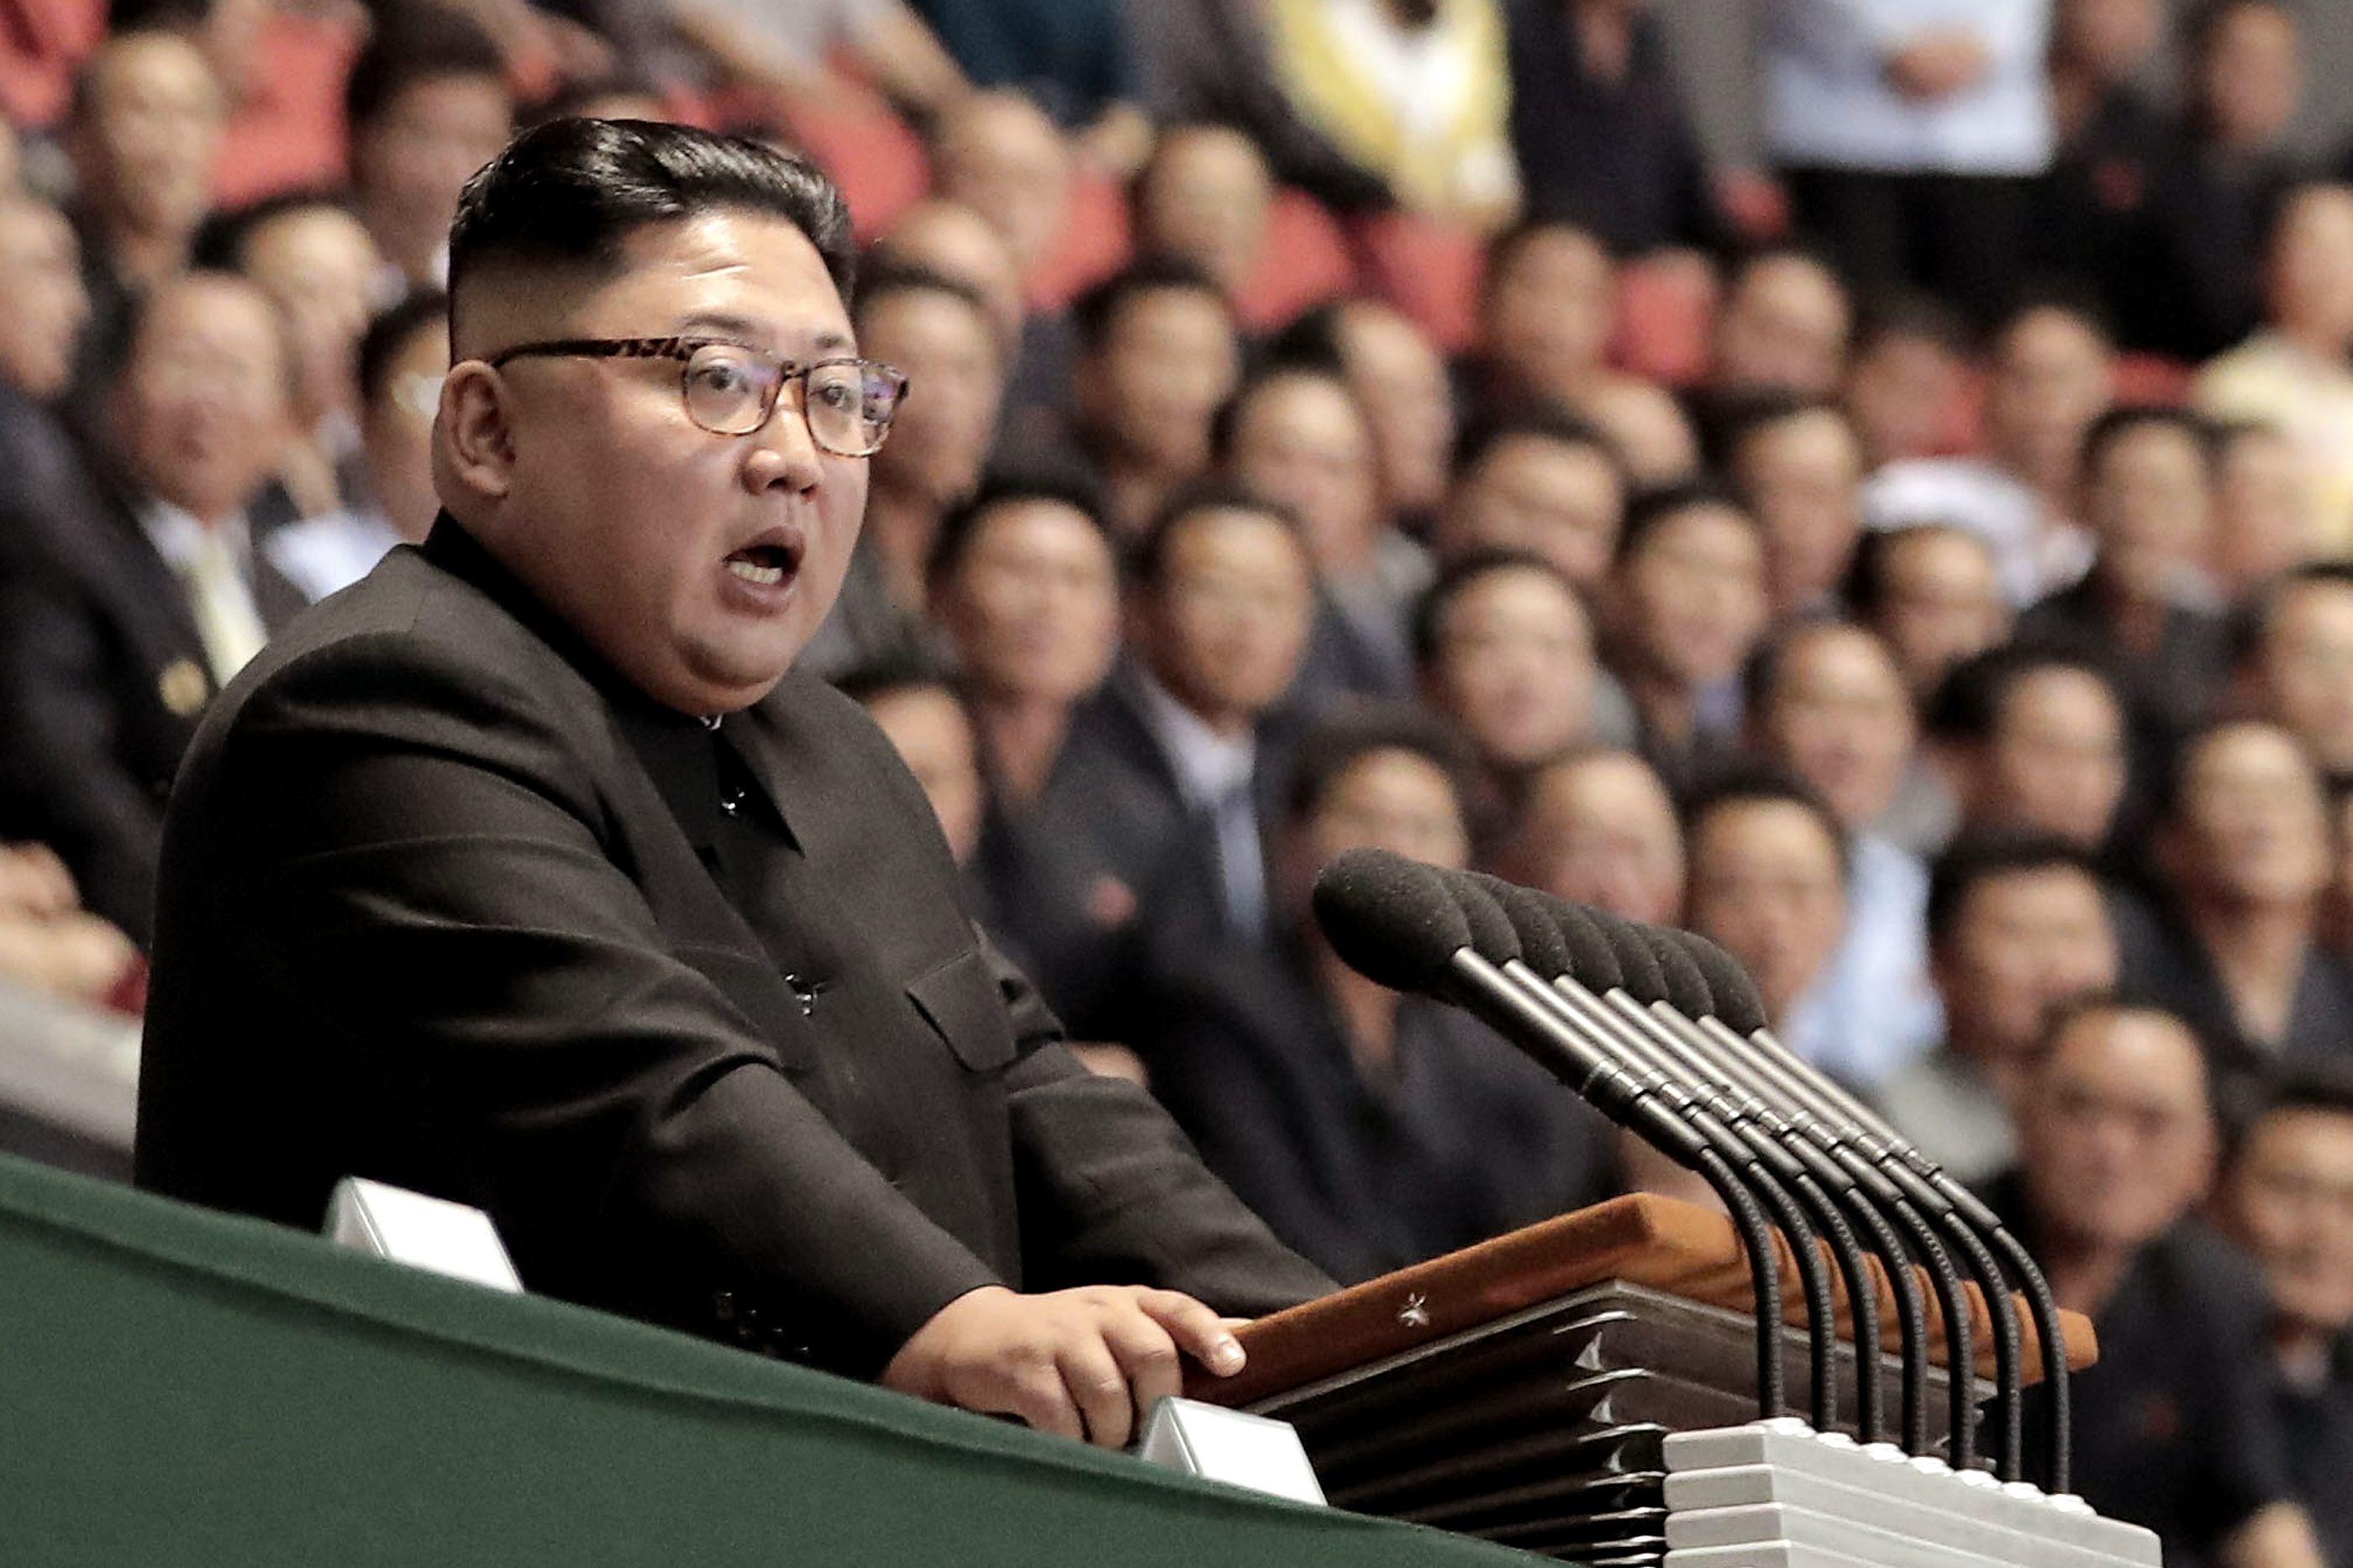 Coreia do Norte testa nova arma ultramoderna. Kim Jong-un supervisiona